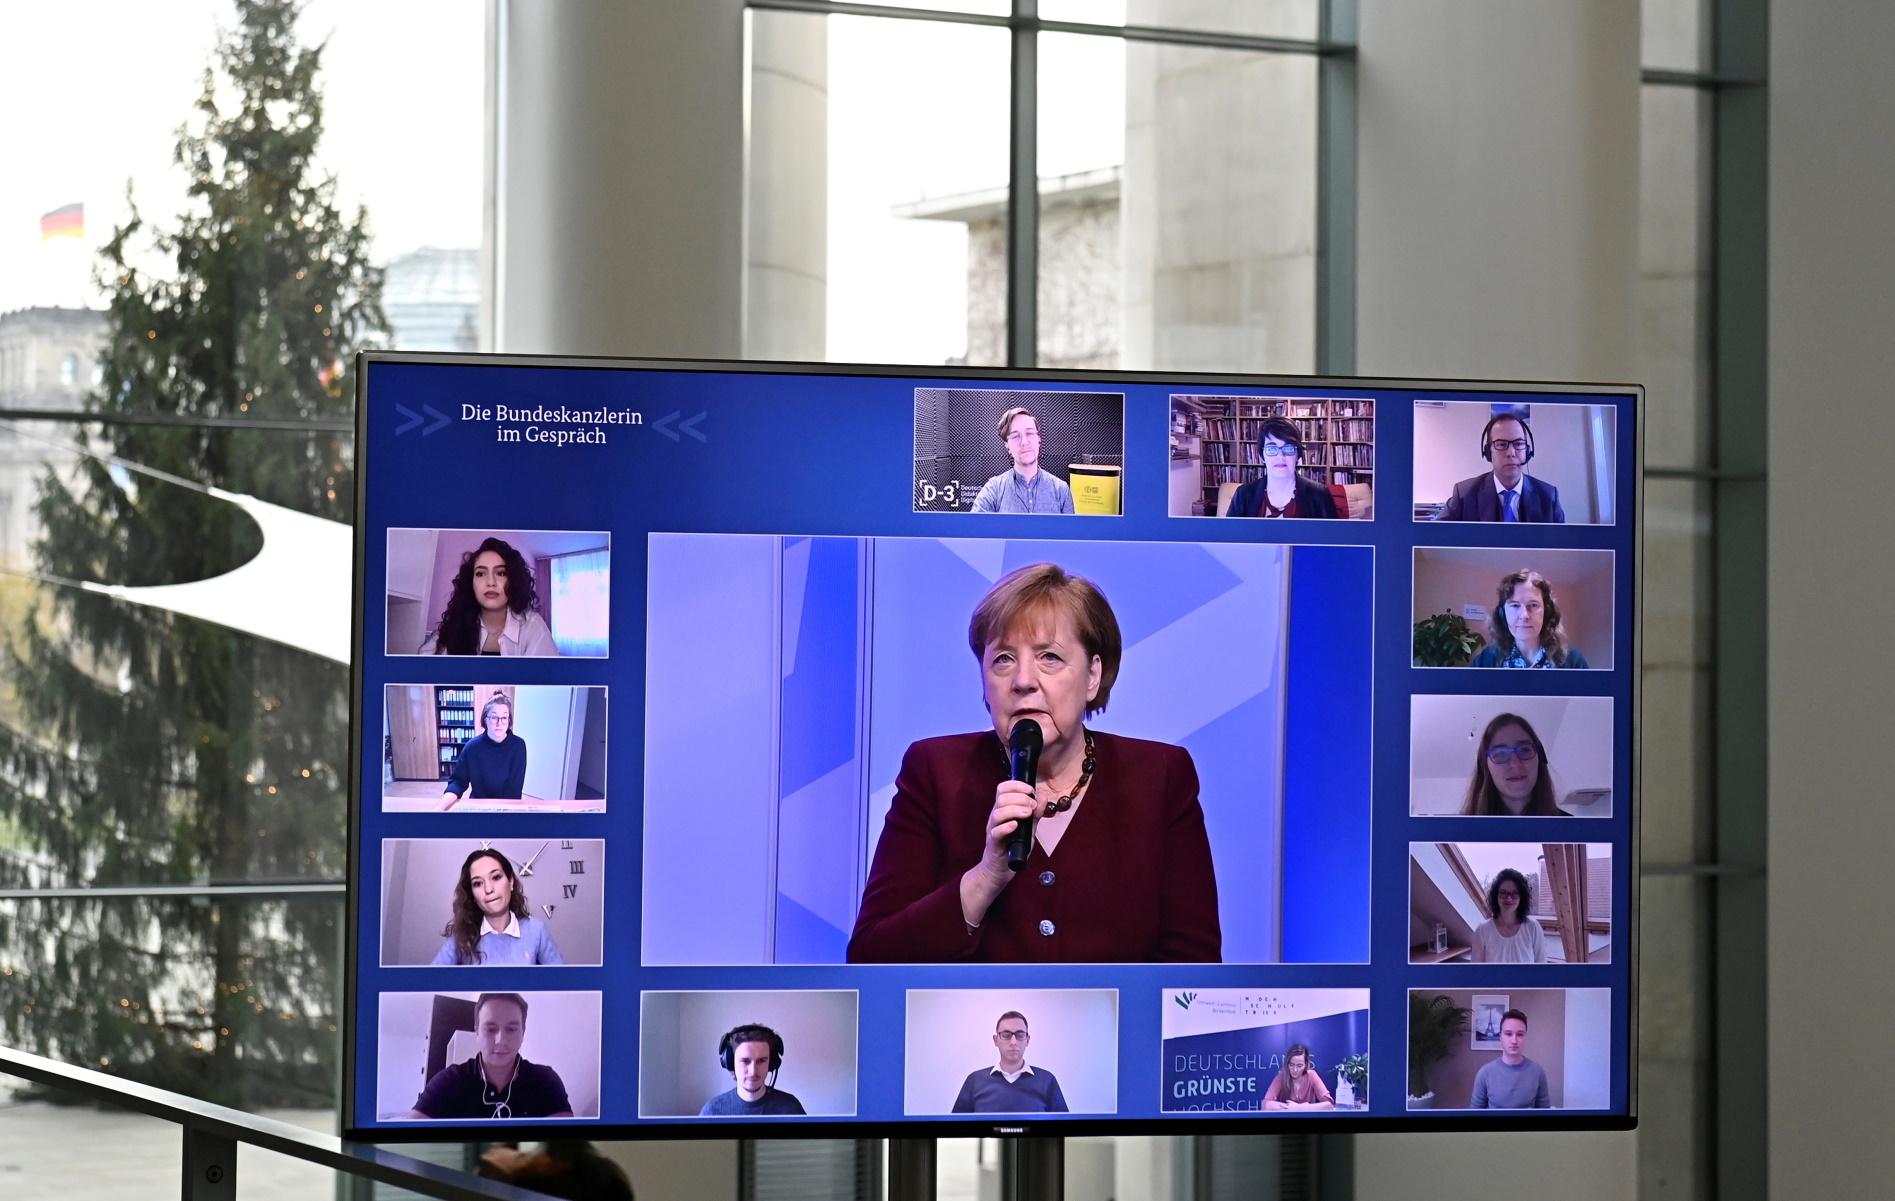 Μέρκελ: «Αυτά τα Χριστούγεννα δείτε τους δικούς σας μέσω βιντεοκλήσης»